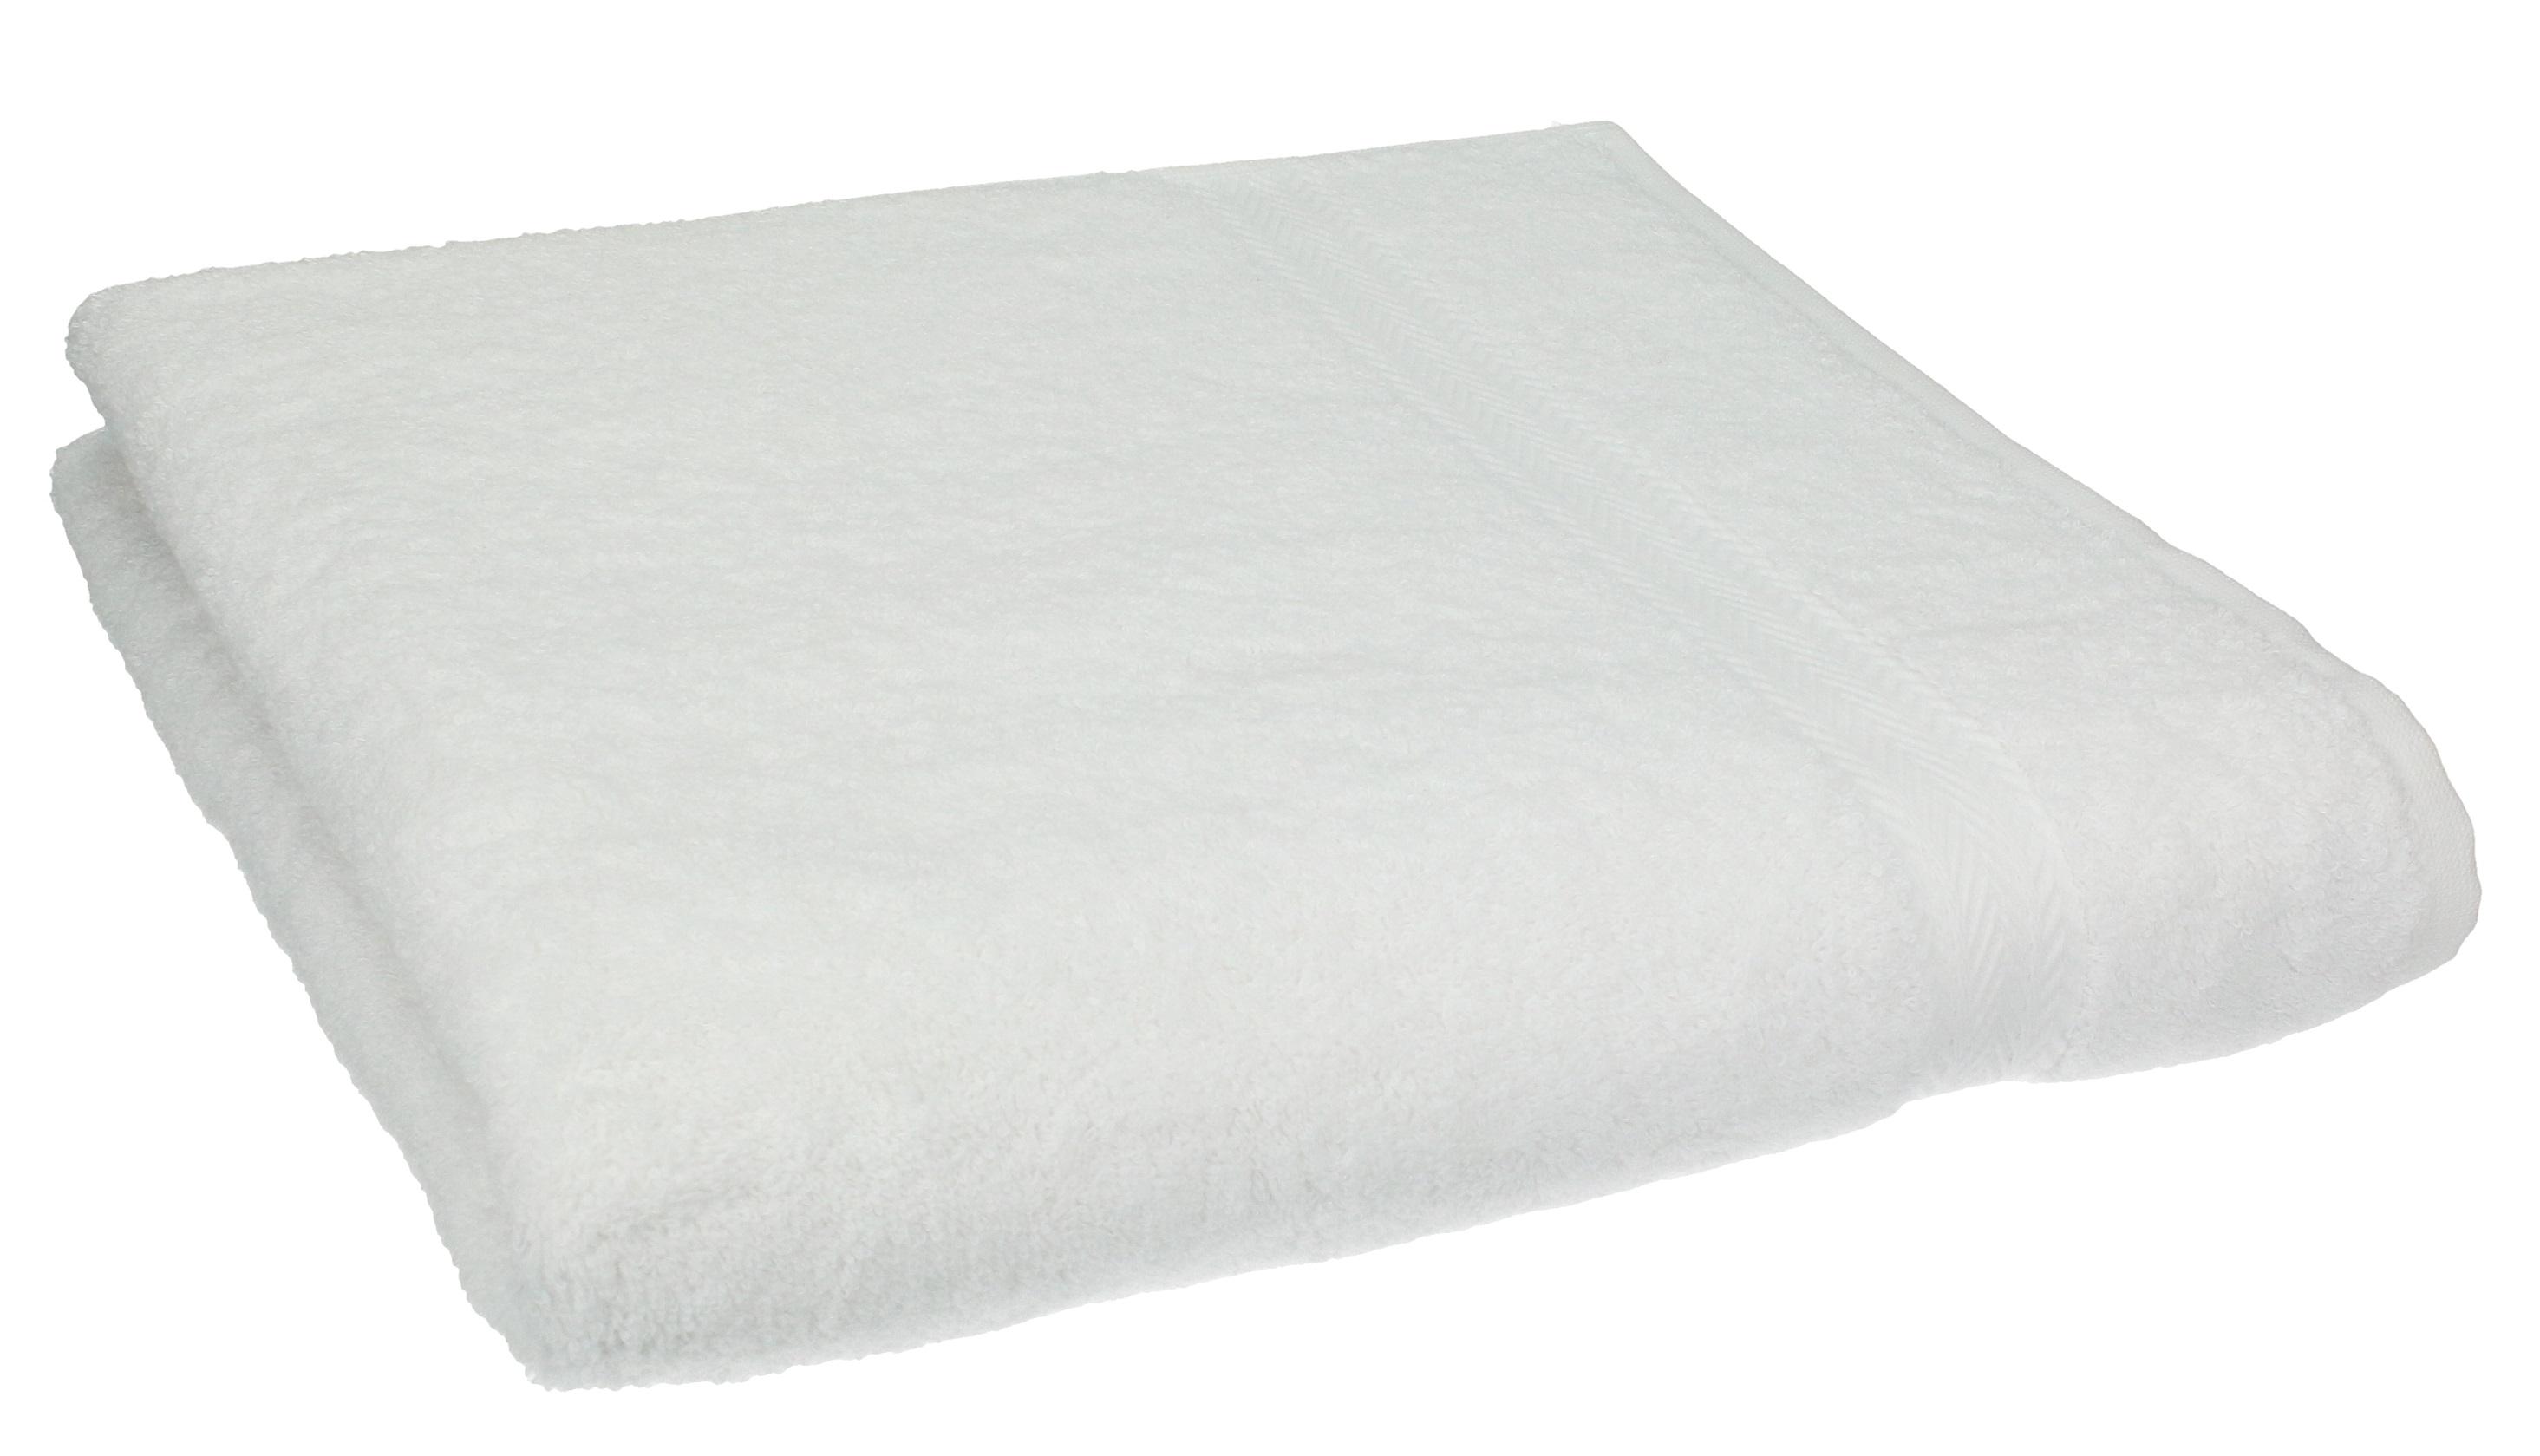 Handtuch Körper Betz Handtuch PREMIUM 100/% Baumwolle 50x100 cm Gesicht Hände